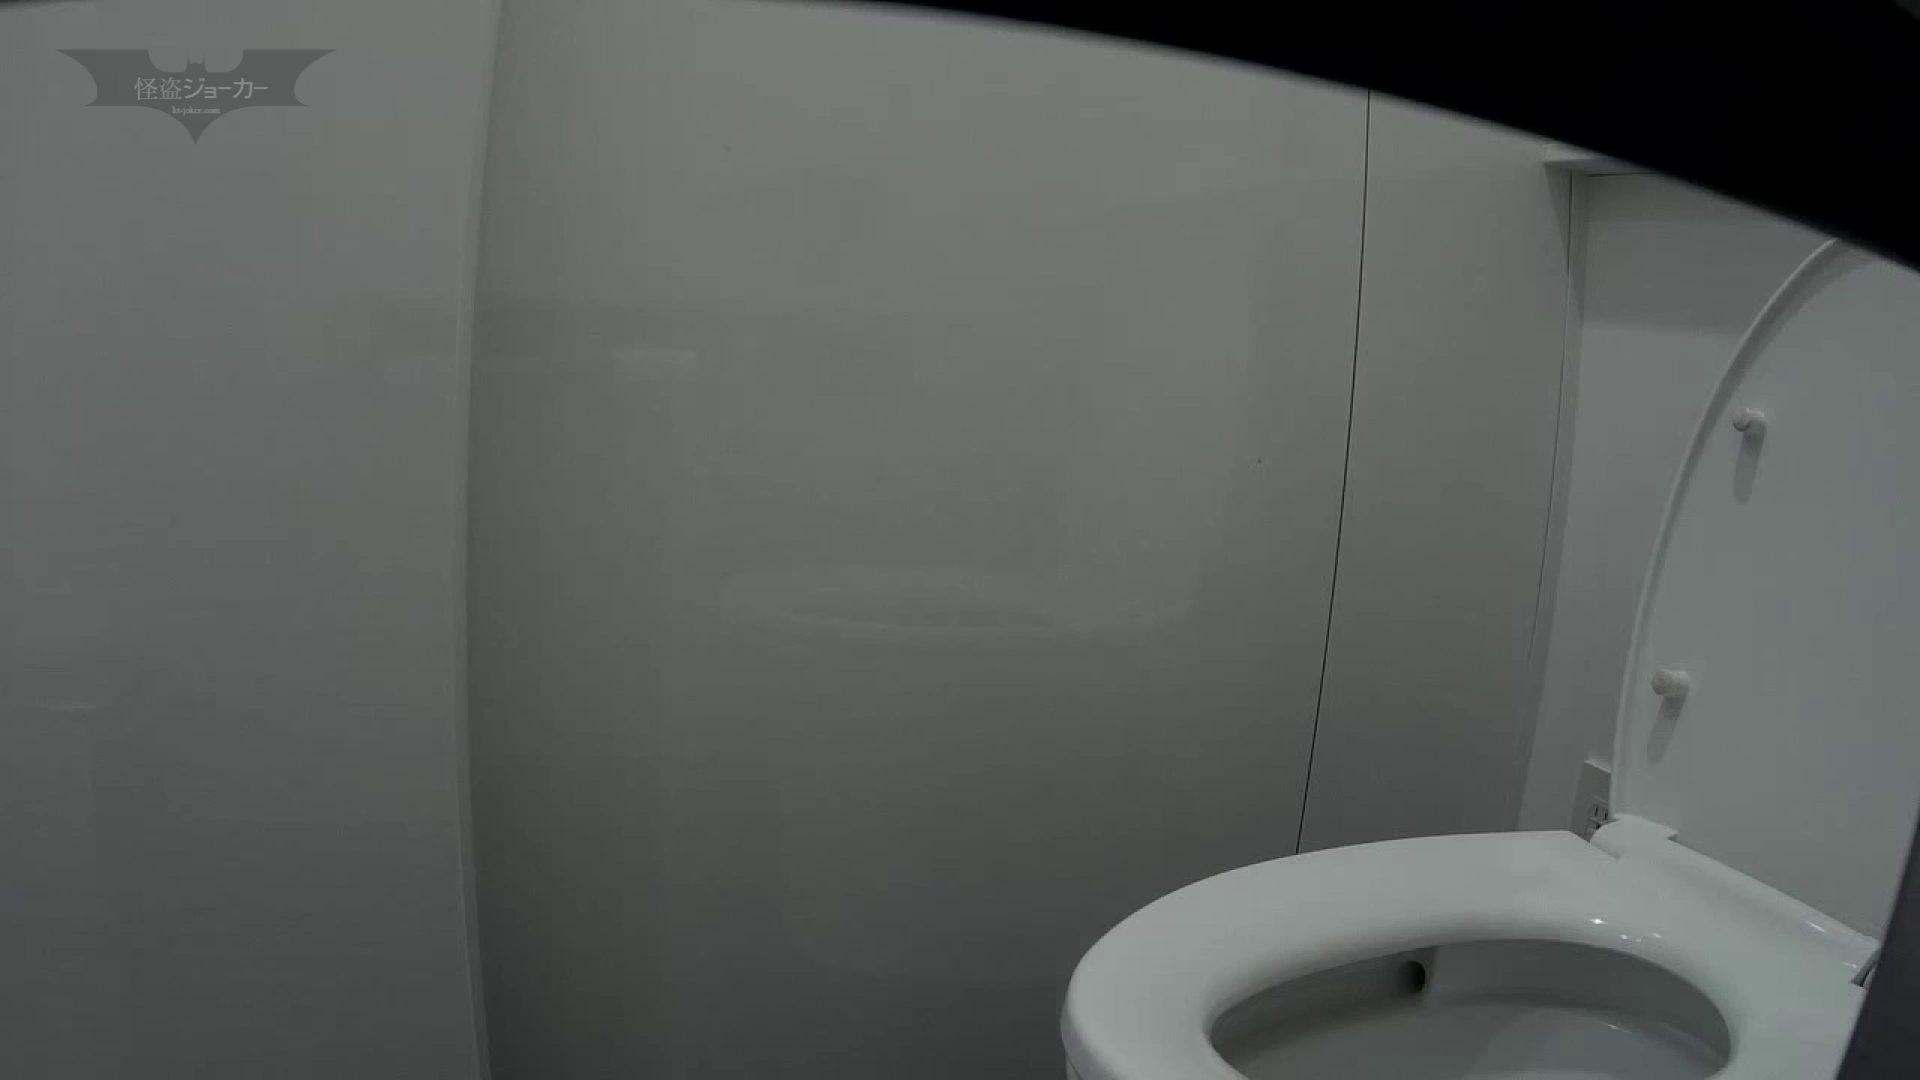 有名大学女性洗面所 vol.57 S級美女マルチアングル撮り!! マルチアングル  80PIX 1